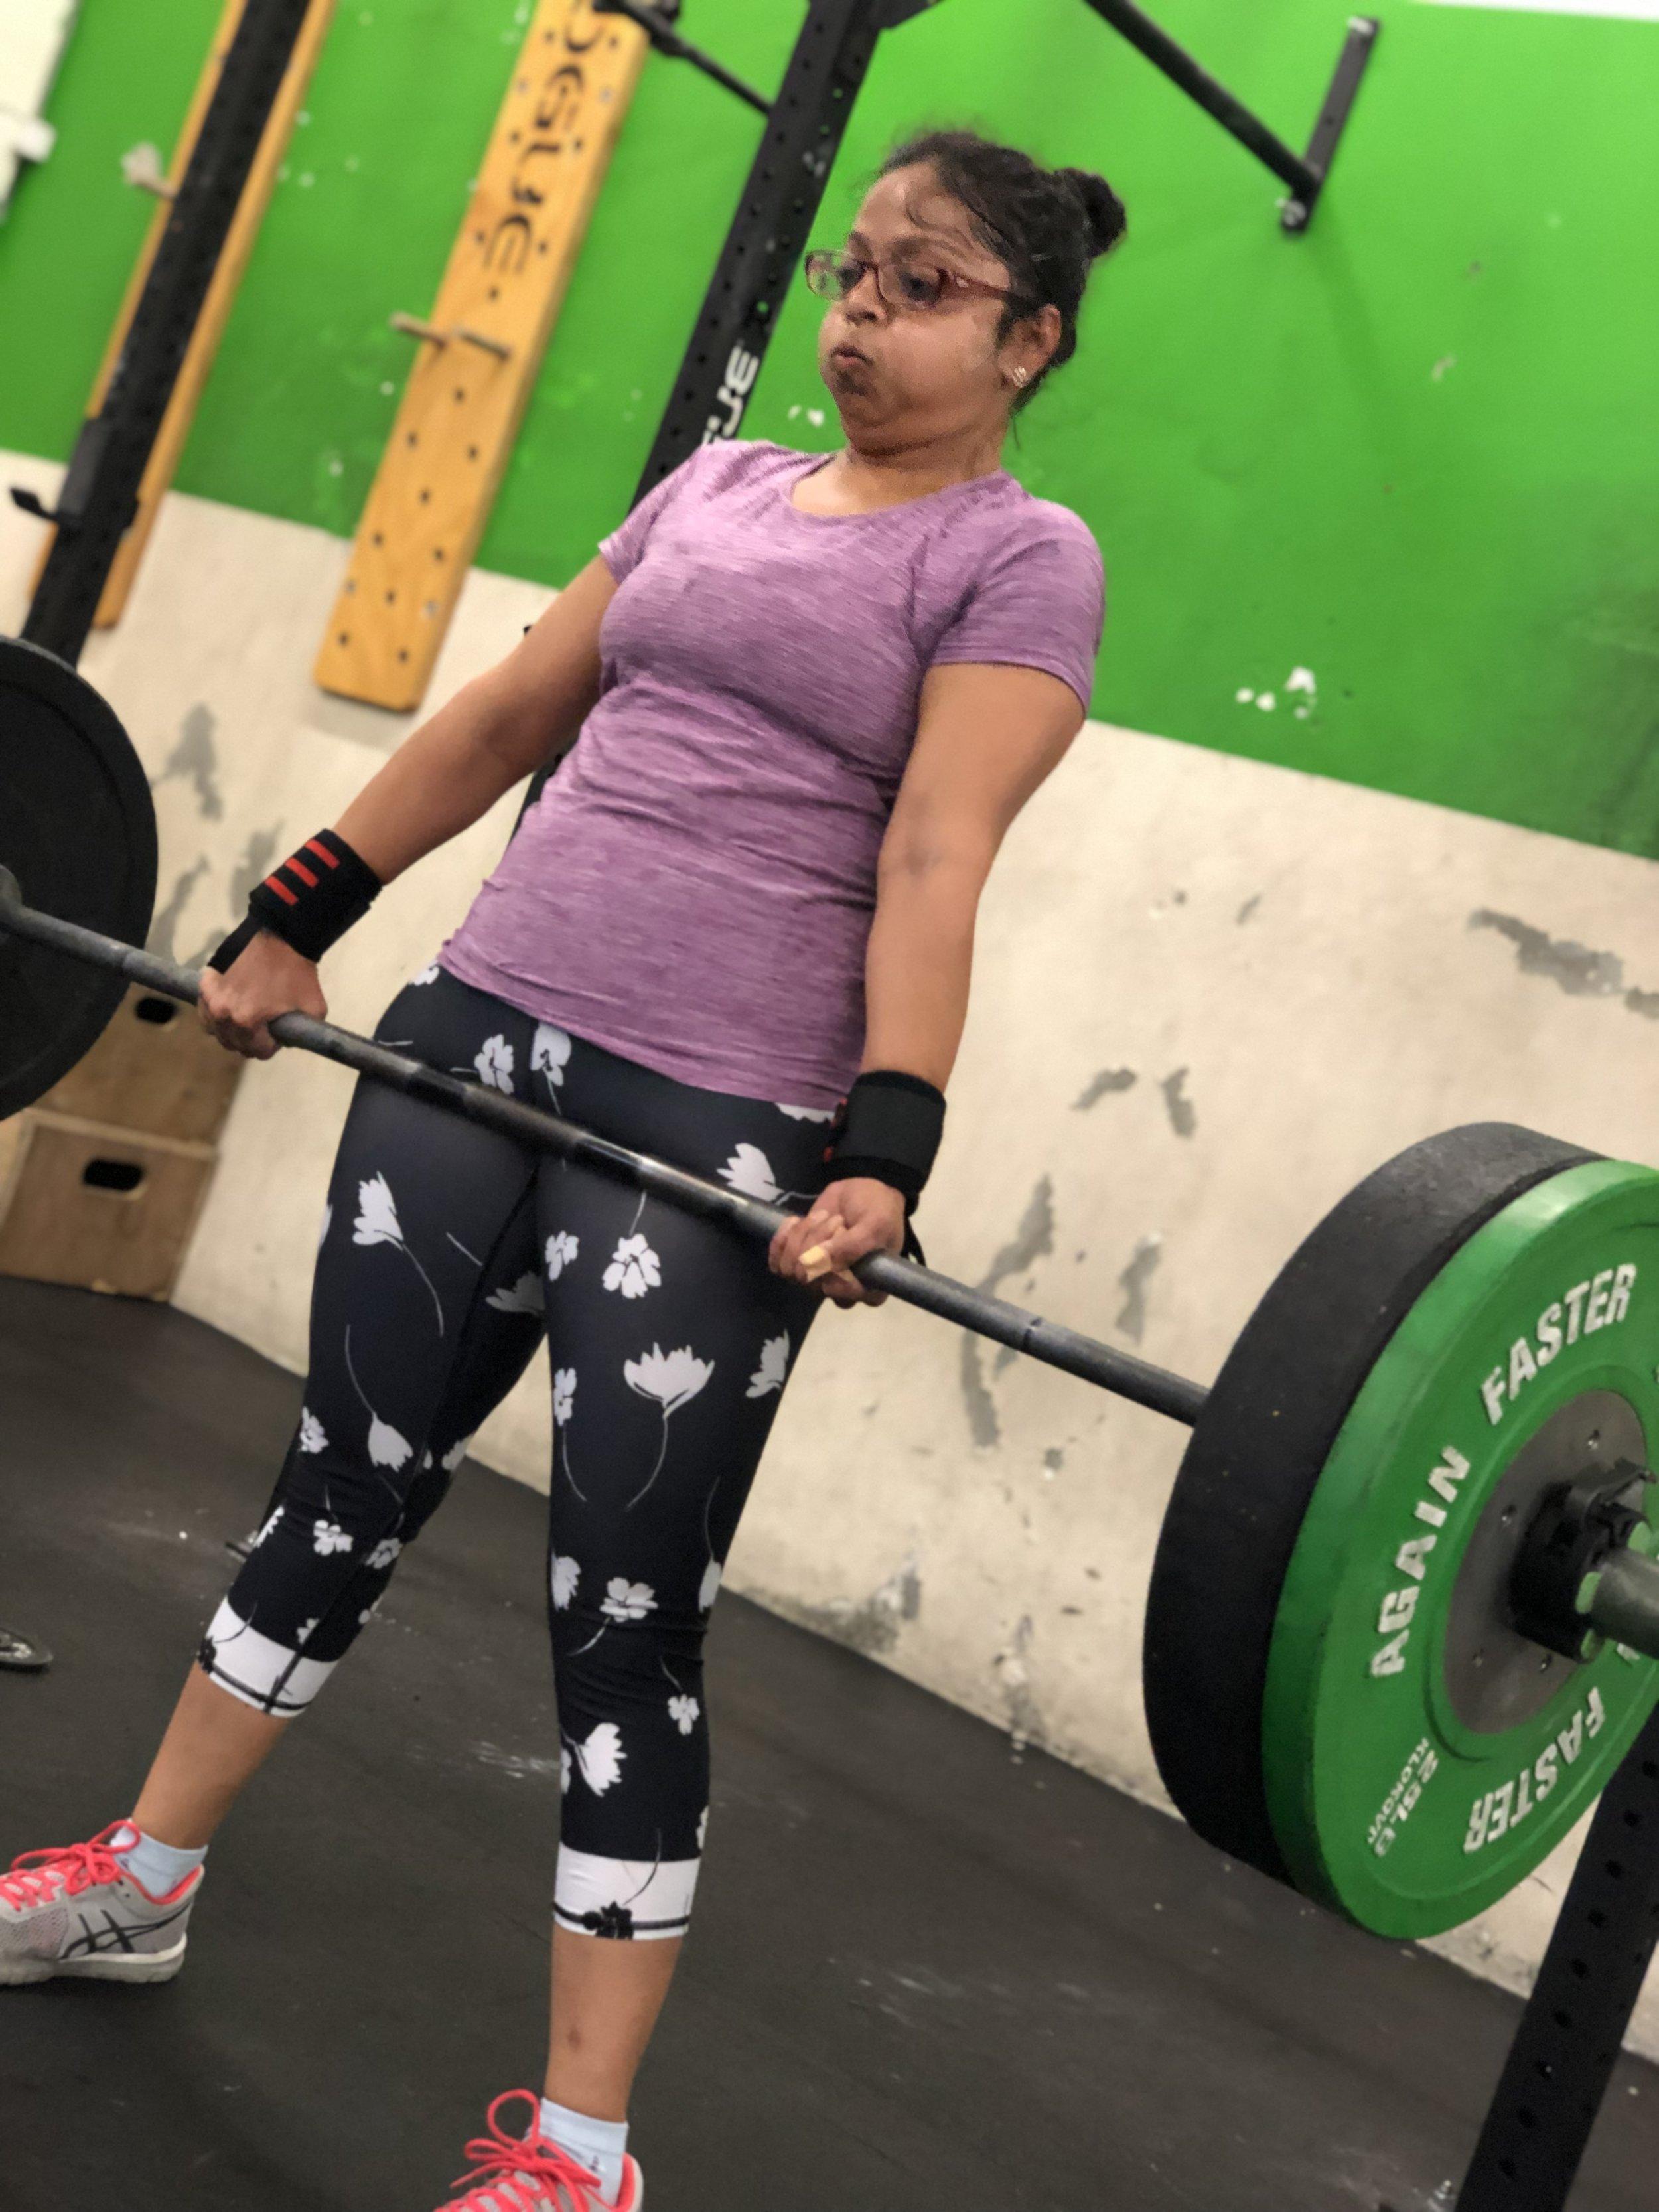 Sindu making heavy weight look light for a Deadlift PR!